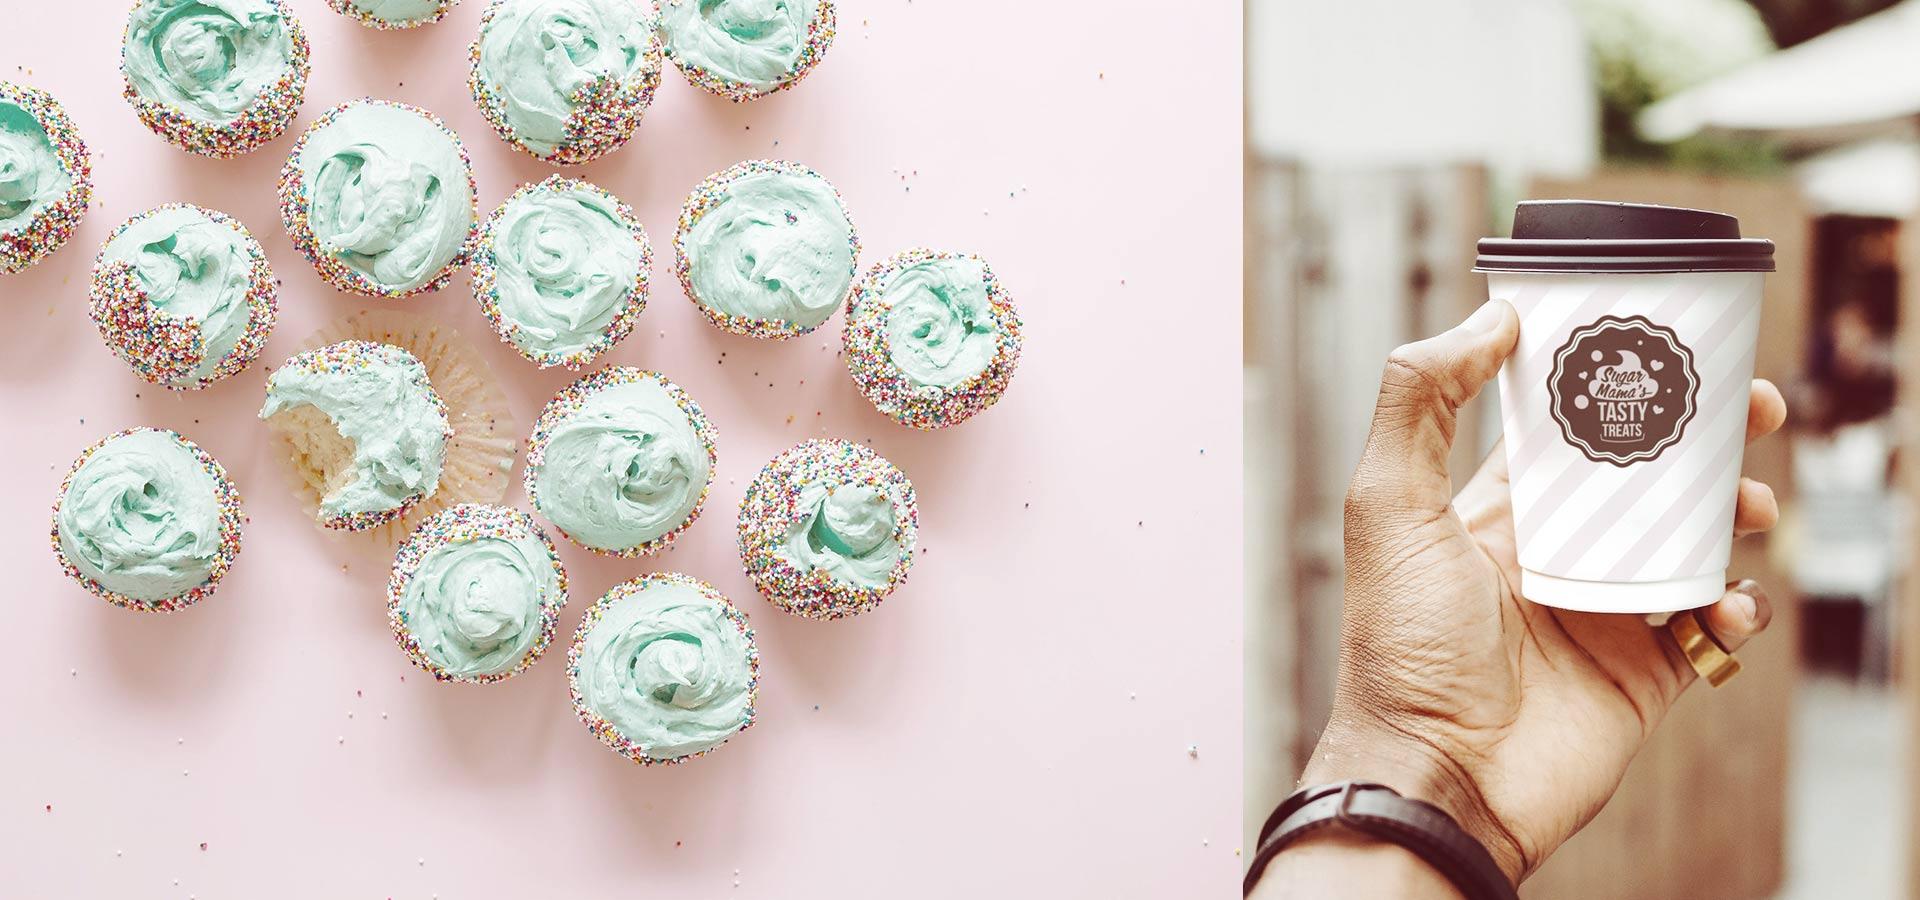 Cupcake bakery packaging